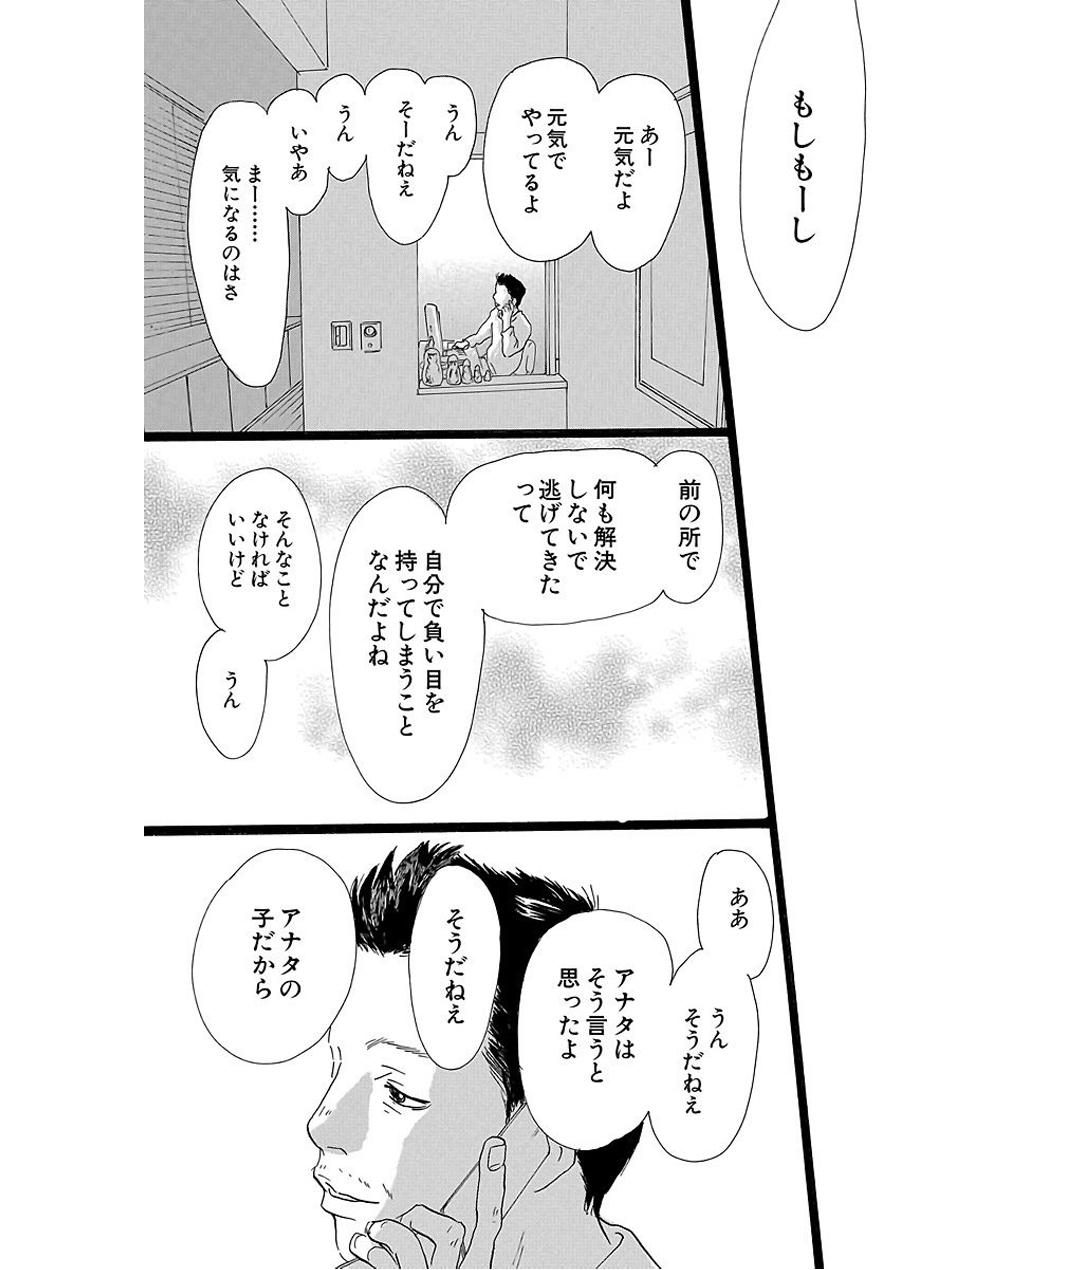 プリンシパル 第1話 試し読み_1_1-59